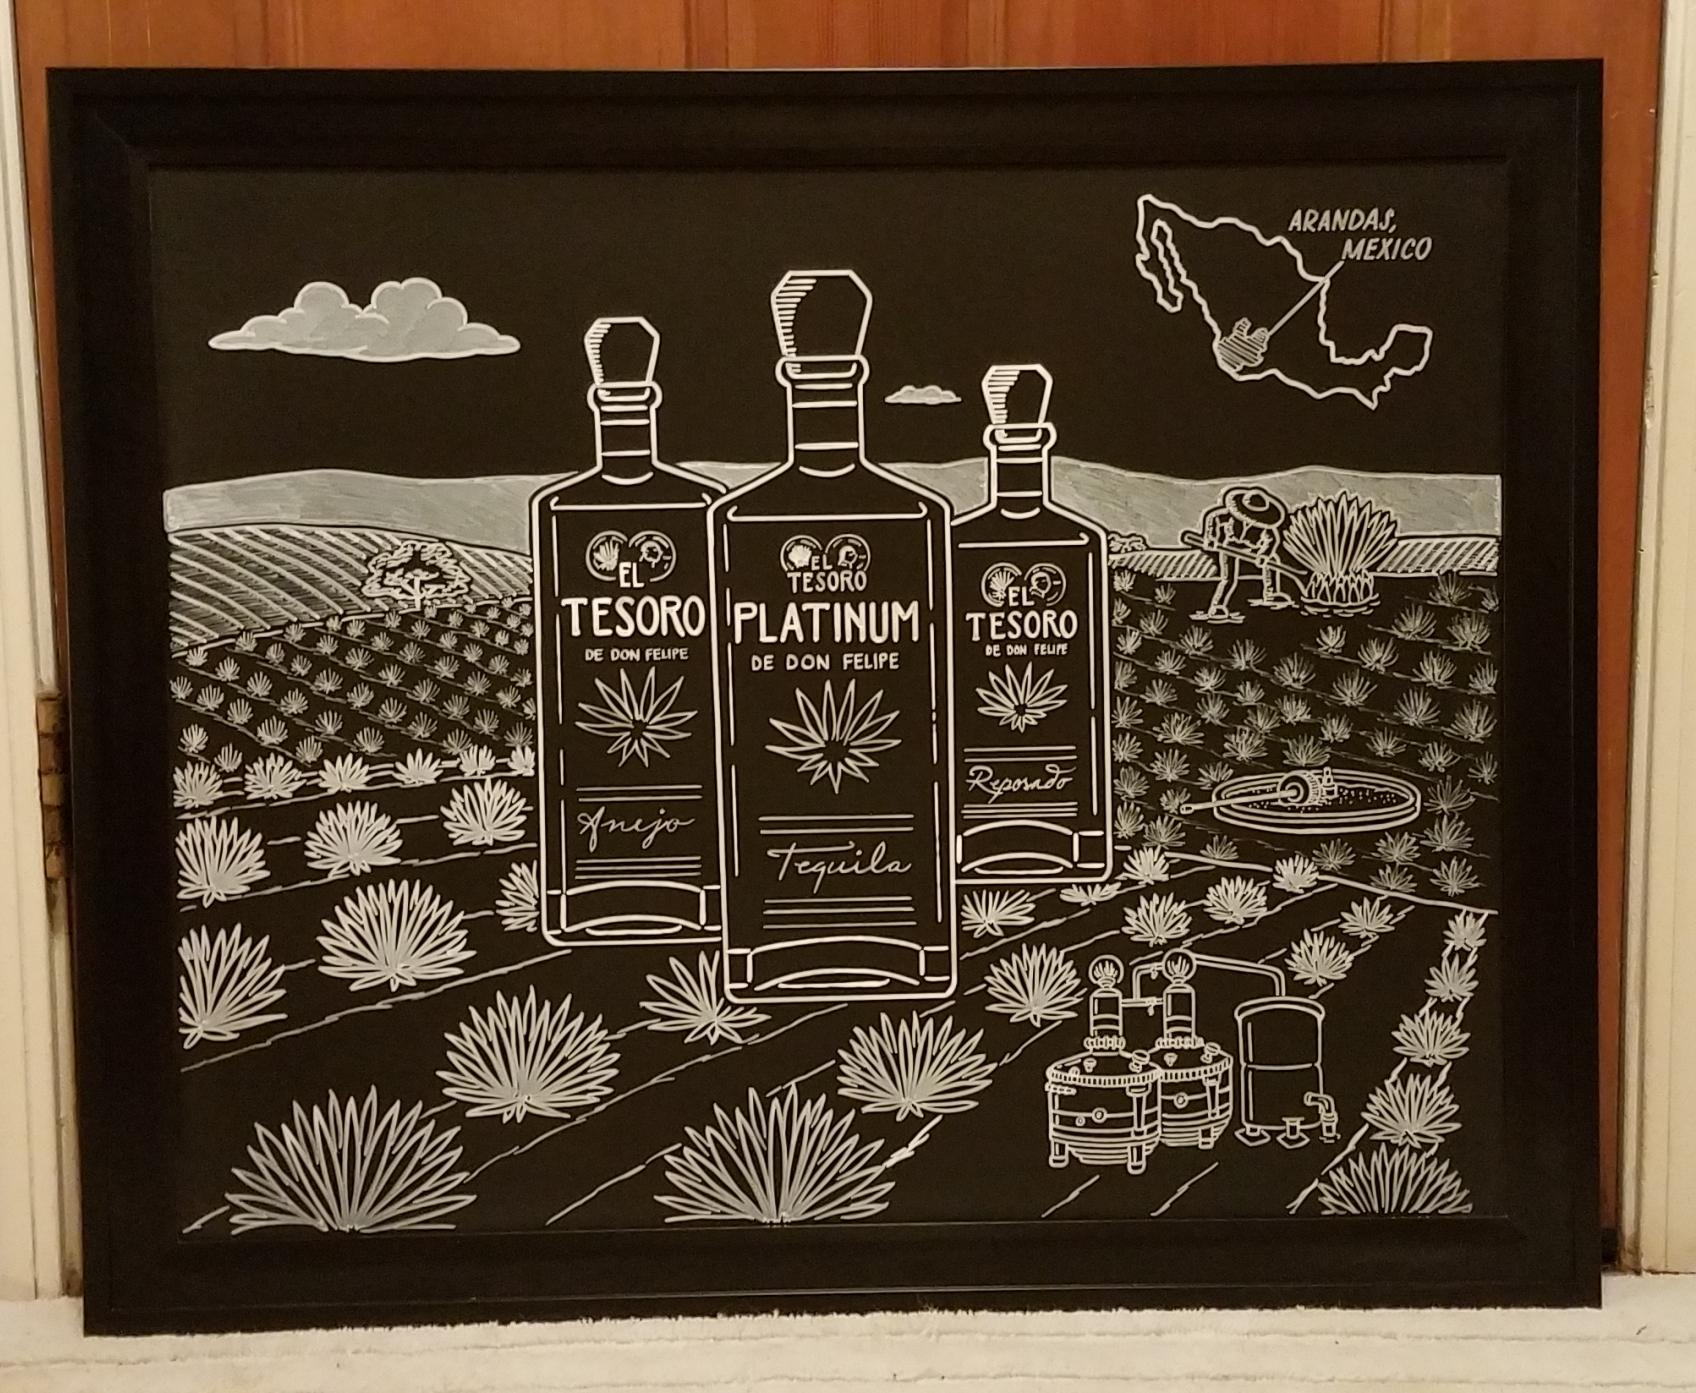 Tequila Promo Board